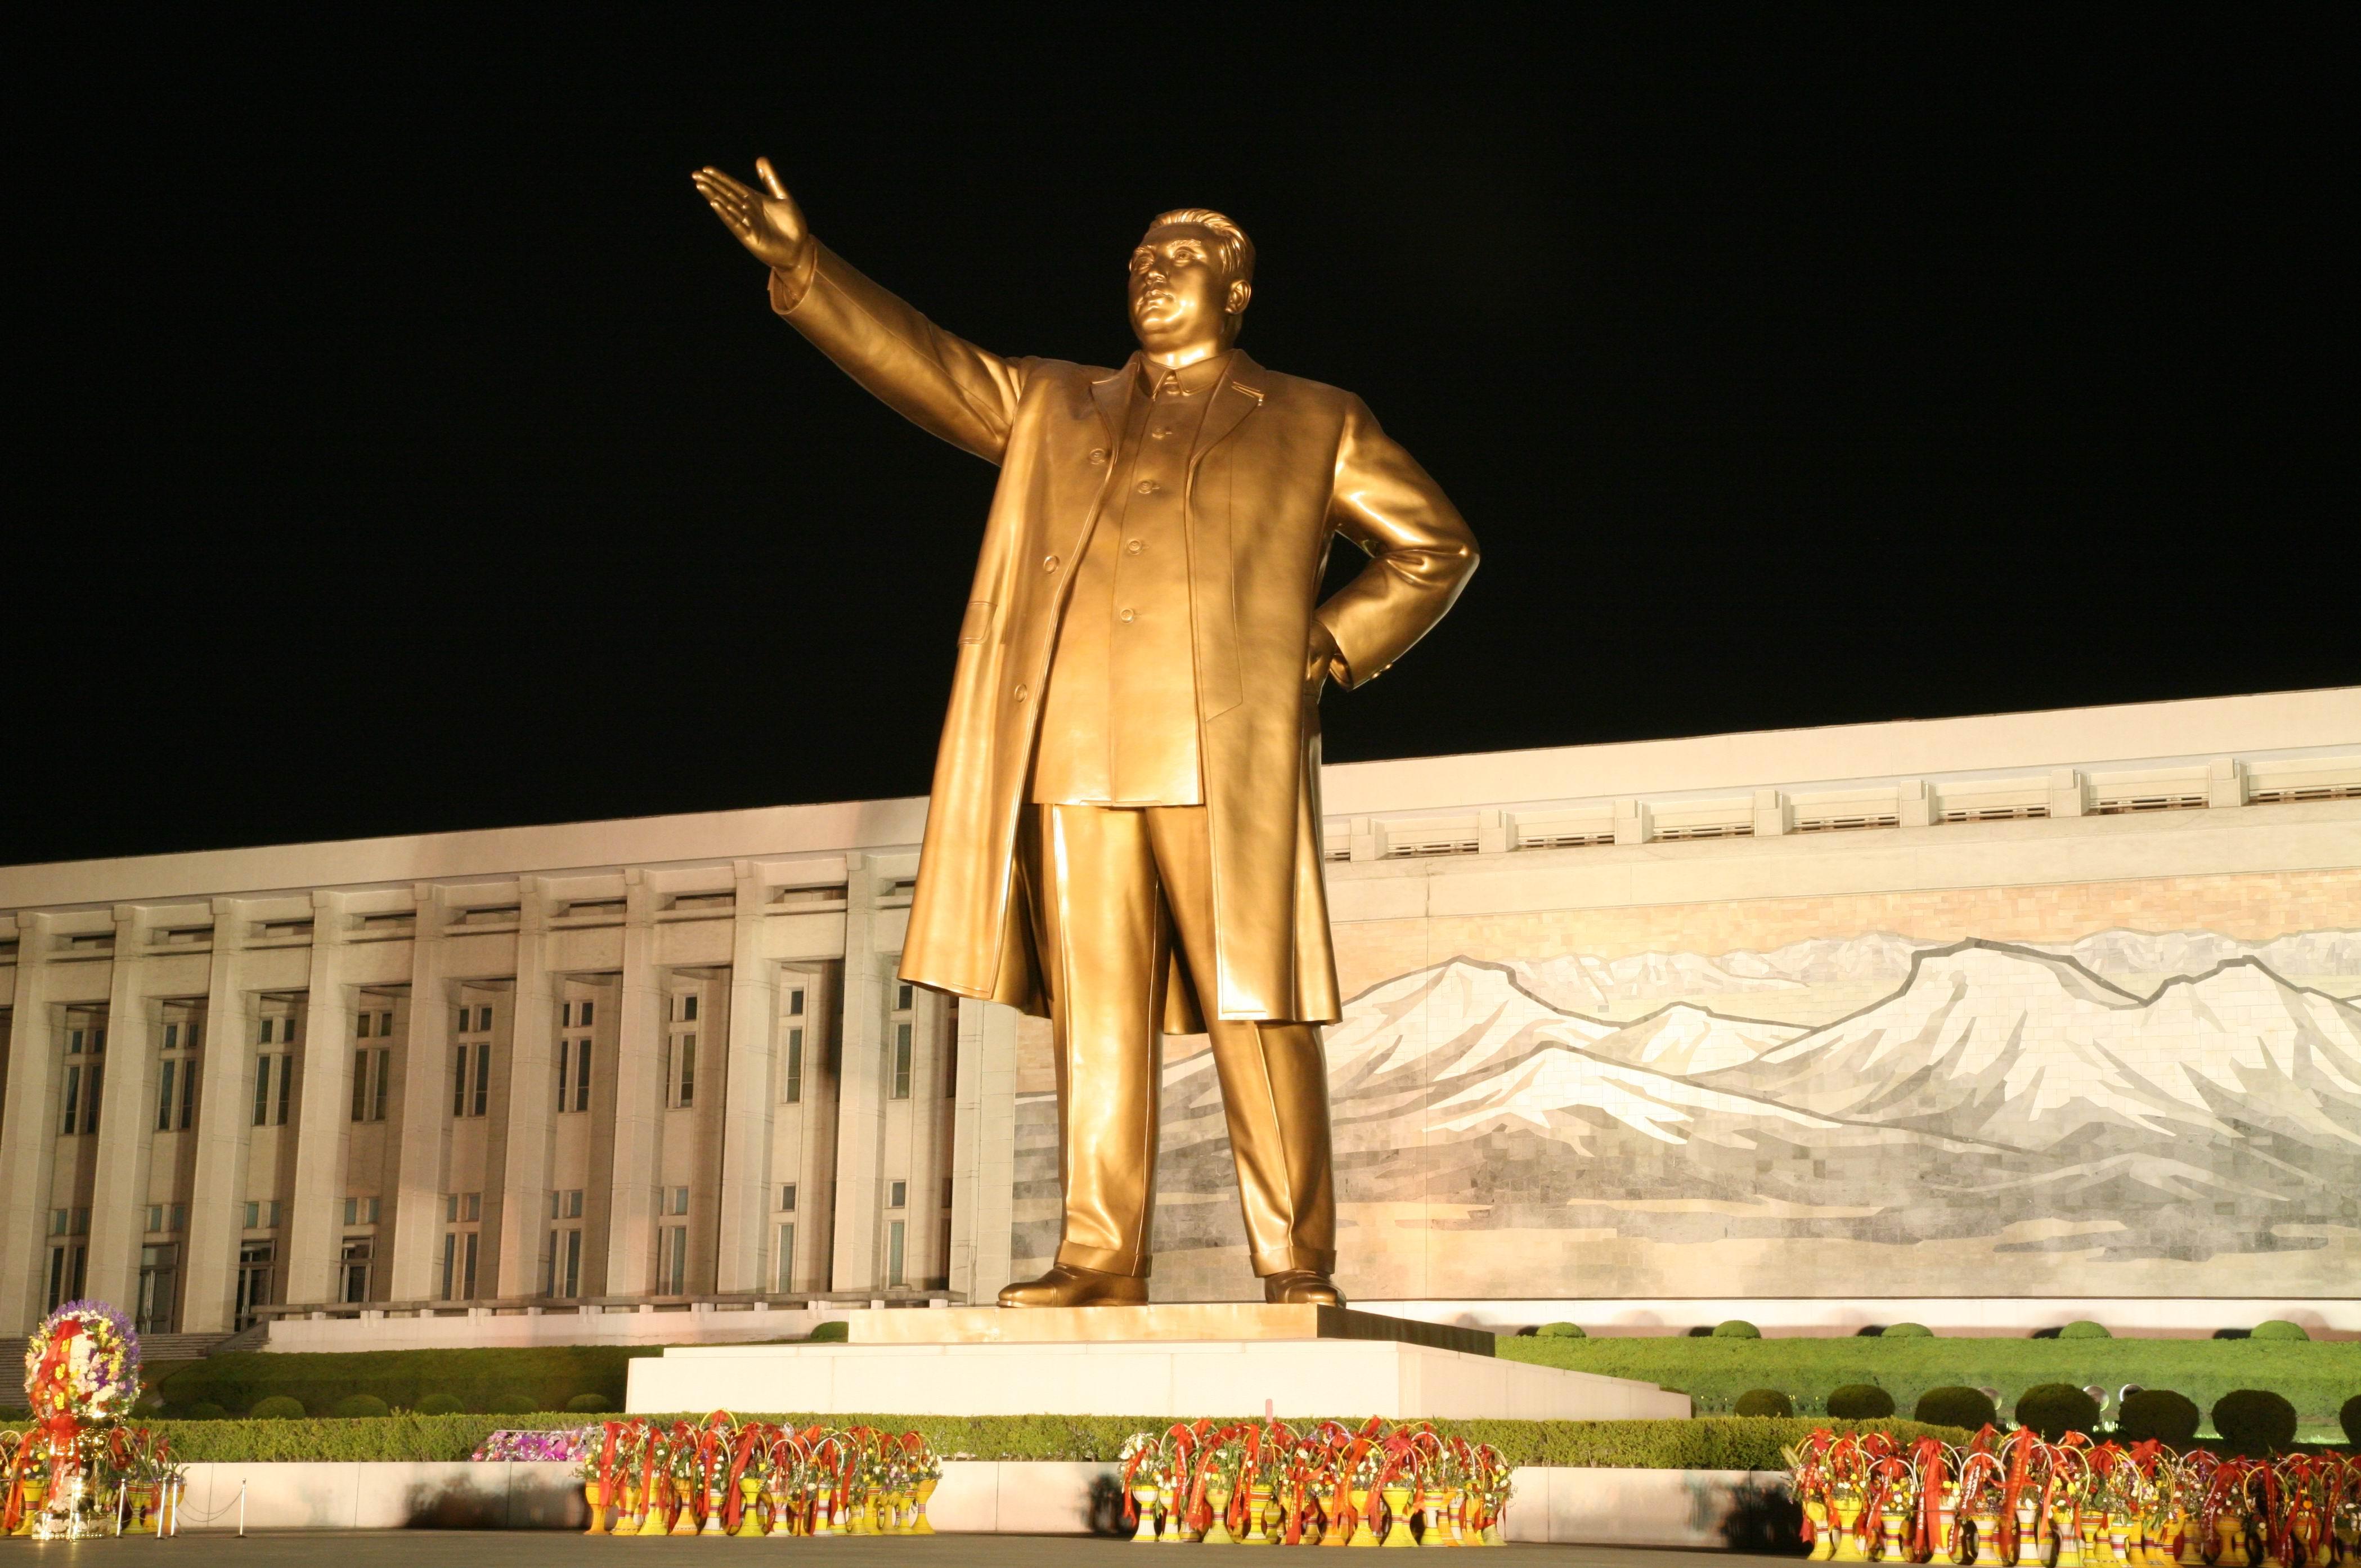 <朝鲜火车团>朝鲜六日游 丹东、开城、板门店、南浦、双卧6天 入住一级酒店 品尝铜碗餐